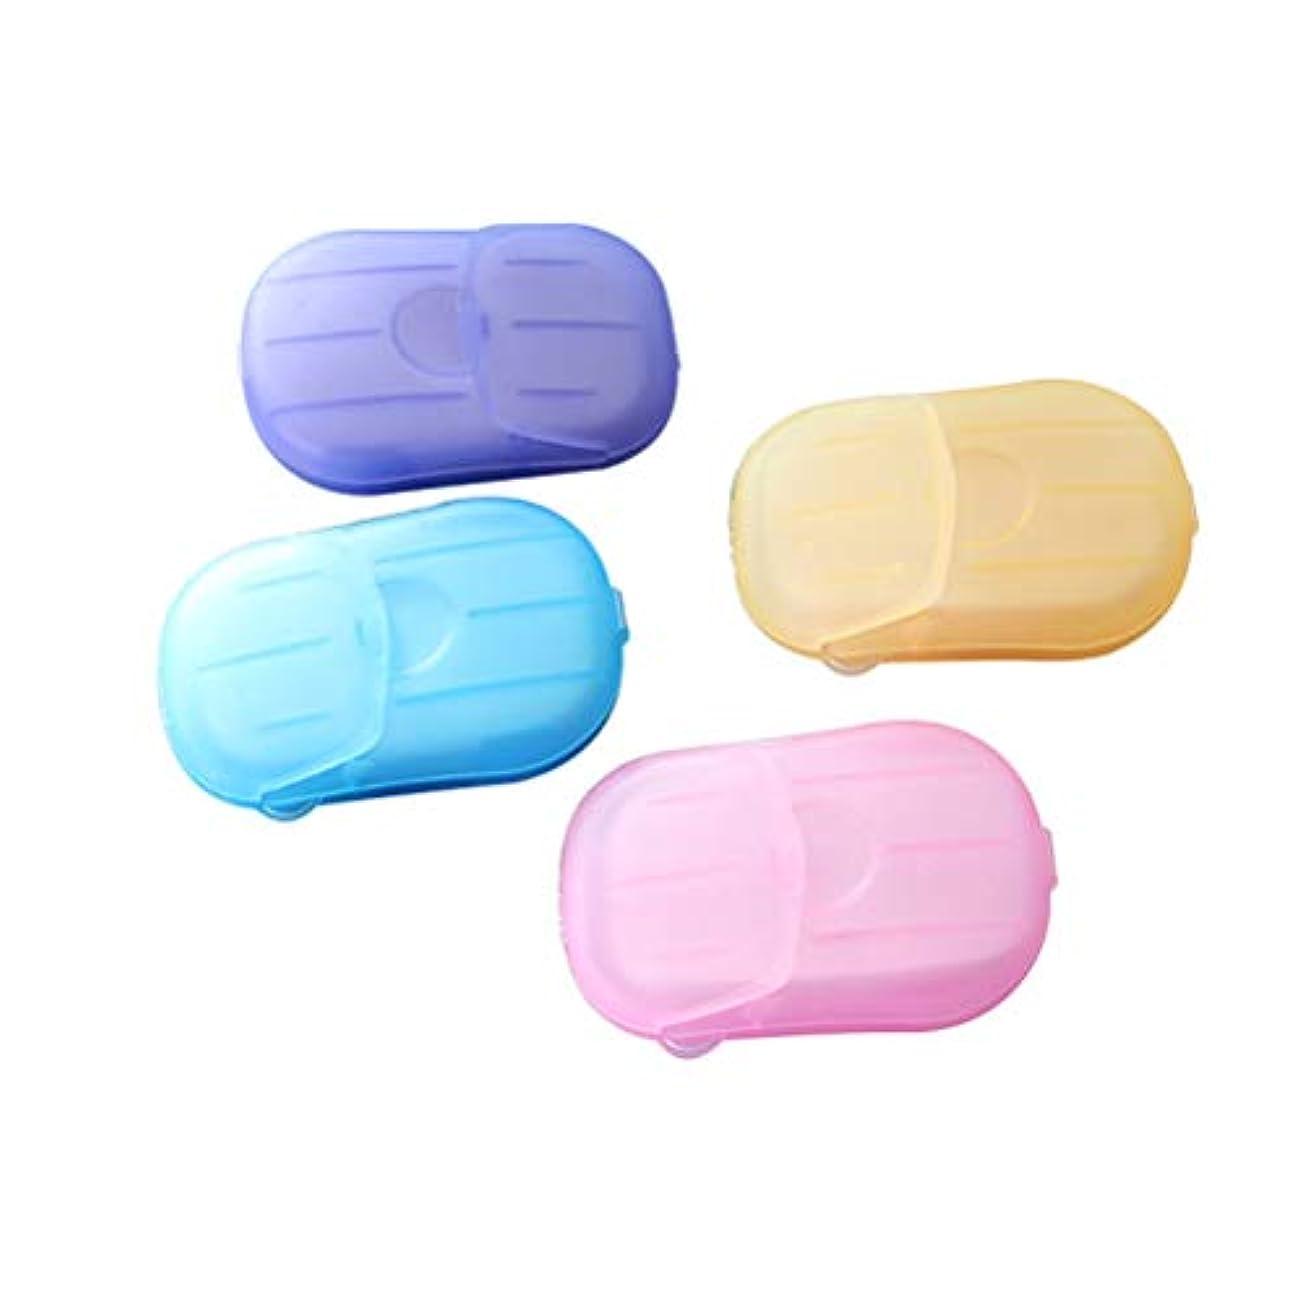 ソーシャル力学ビリーBlight 使い捨て石鹸 香り石鹸 石鹸タブレット ミニペーパーソープ 小型石鹸タブレット 家庭 外出 旅行 除菌 手洗い お風呂